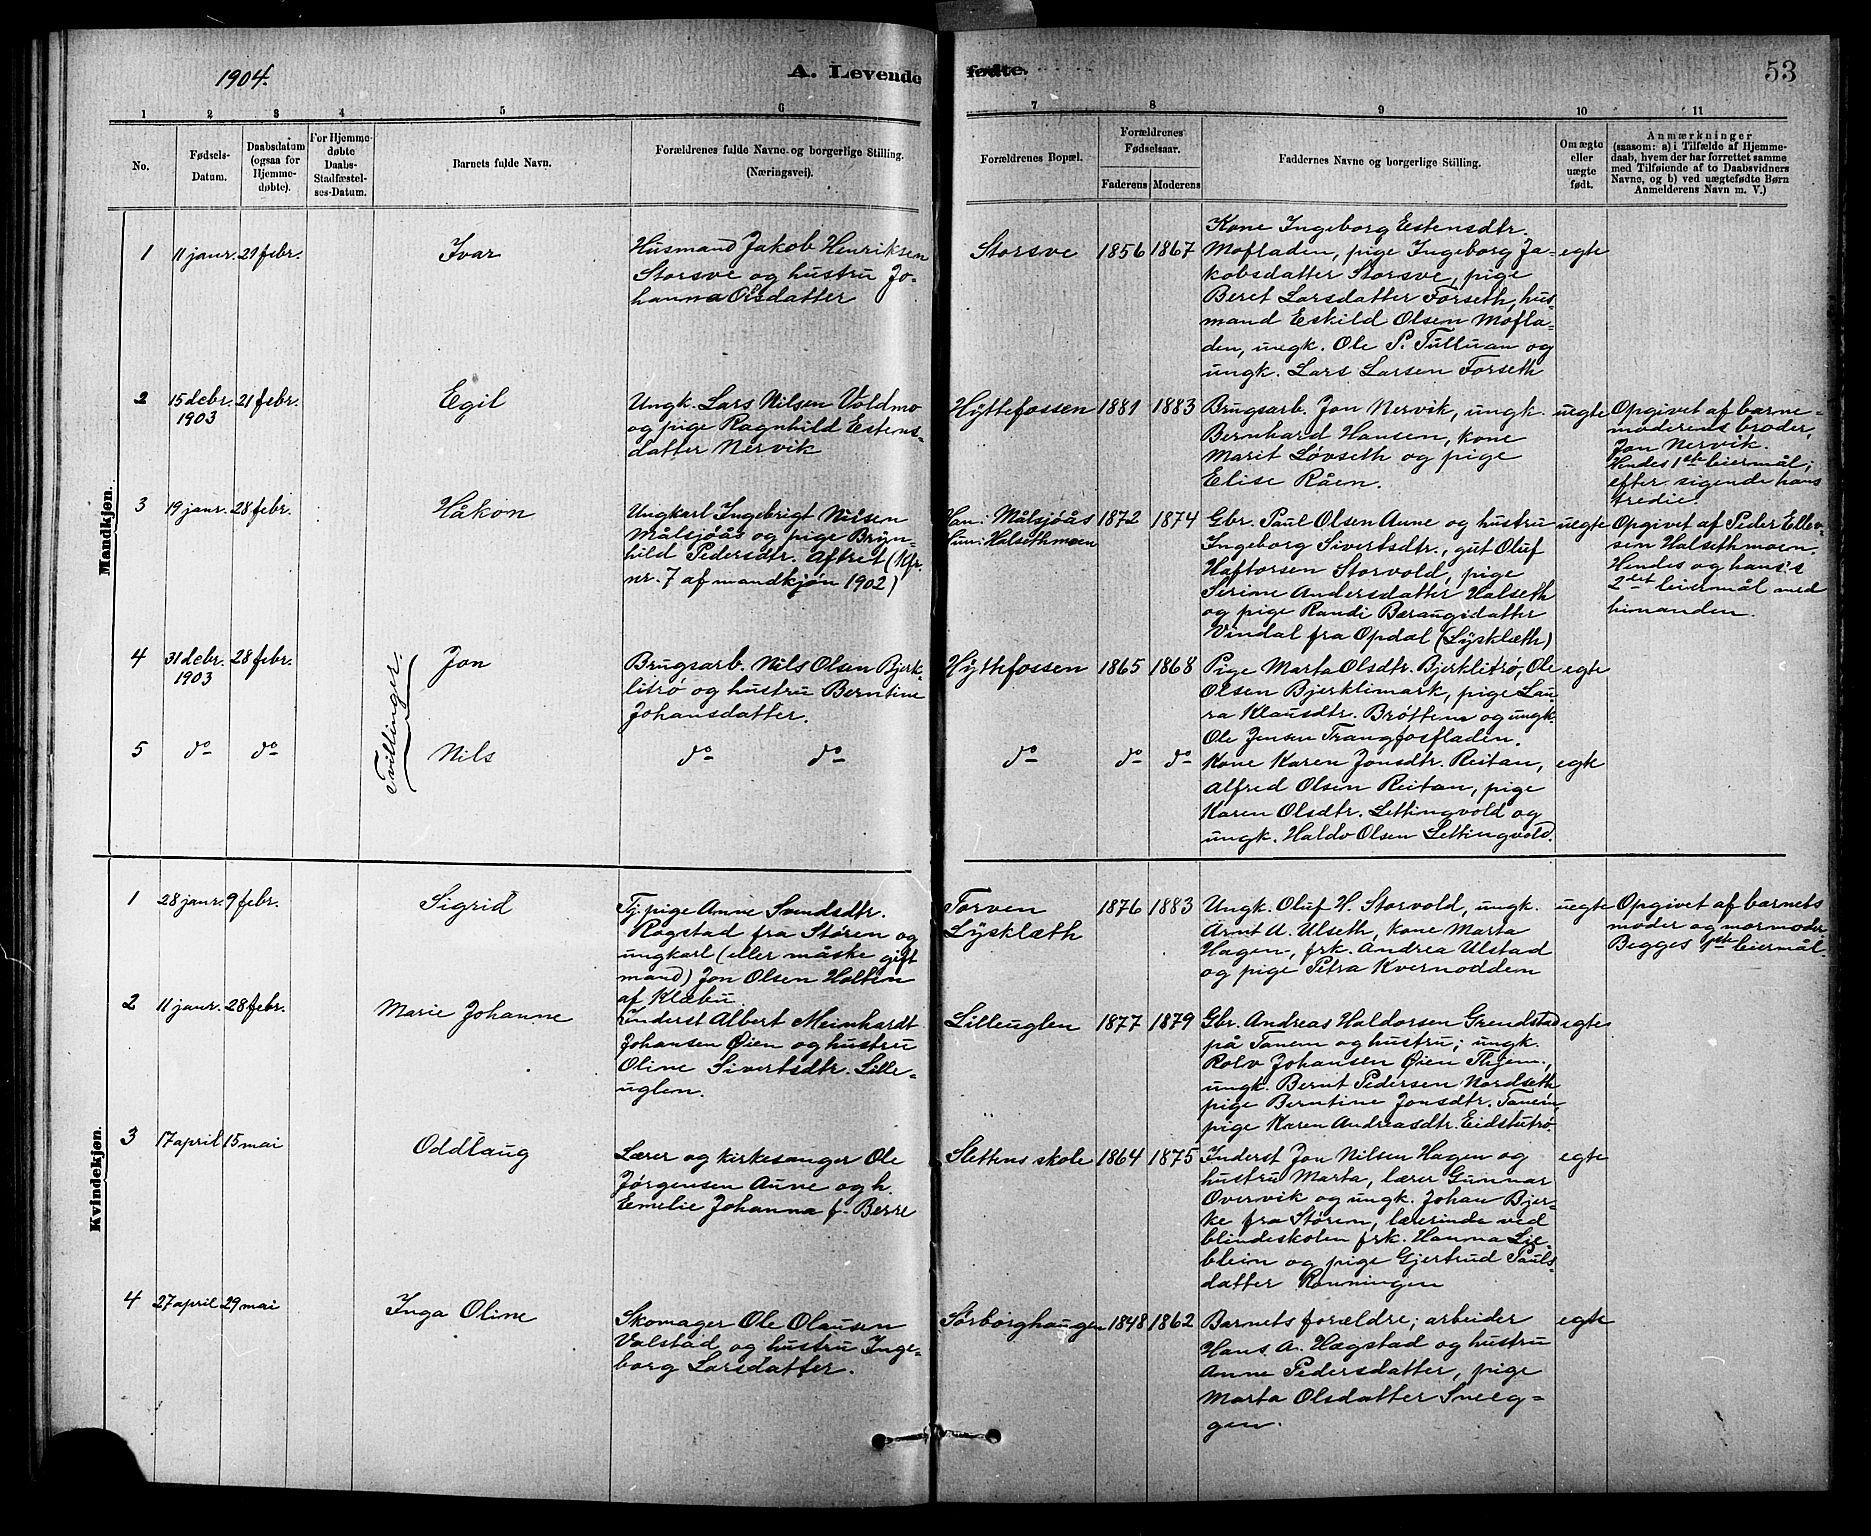 SAT, Ministerialprotokoller, klokkerbøker og fødselsregistre - Sør-Trøndelag, 618/L0452: Klokkerbok nr. 618C03, 1884-1906, s. 53